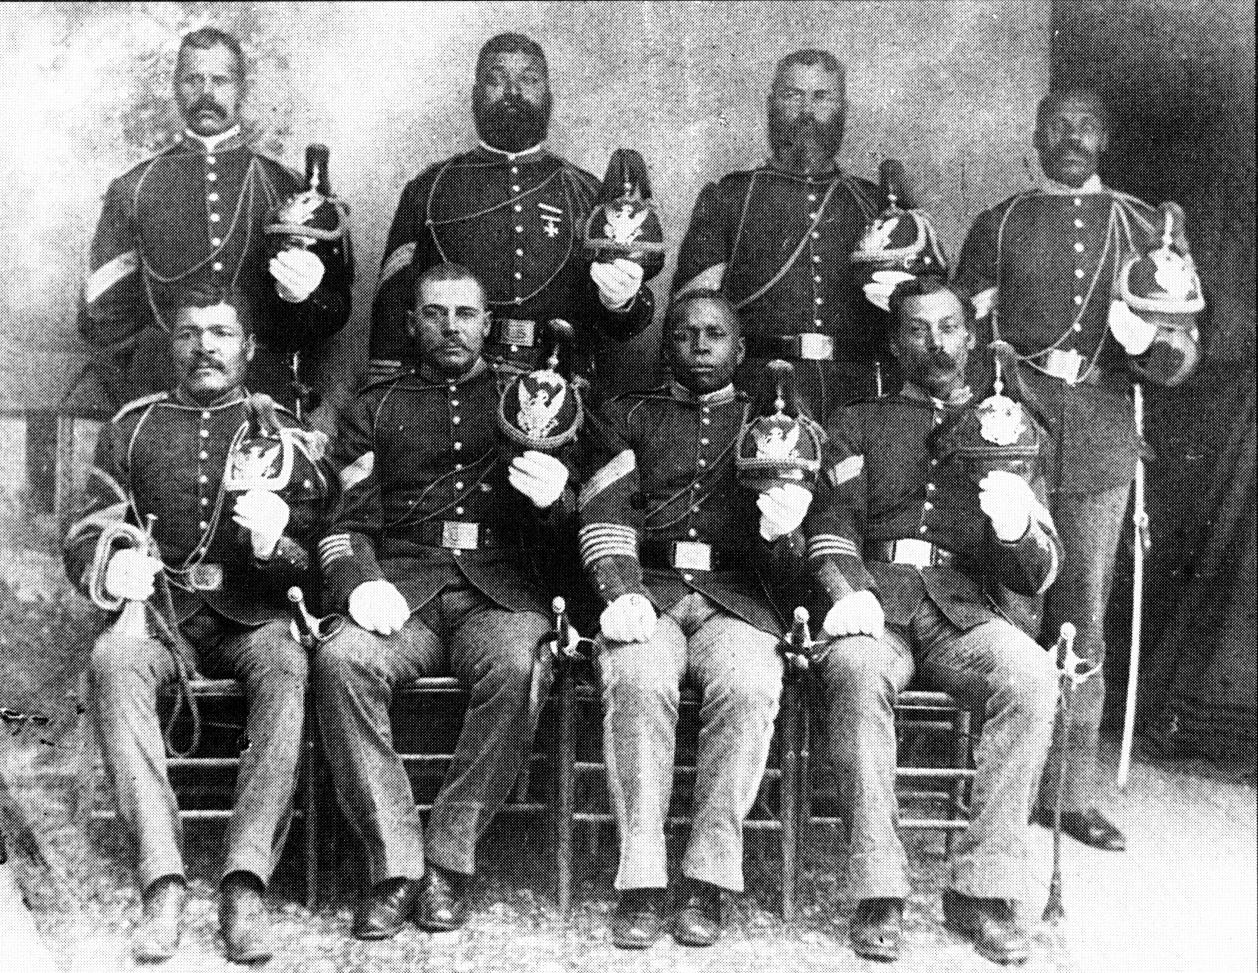 <b>9th Cavalry NCOs - 1889</b>